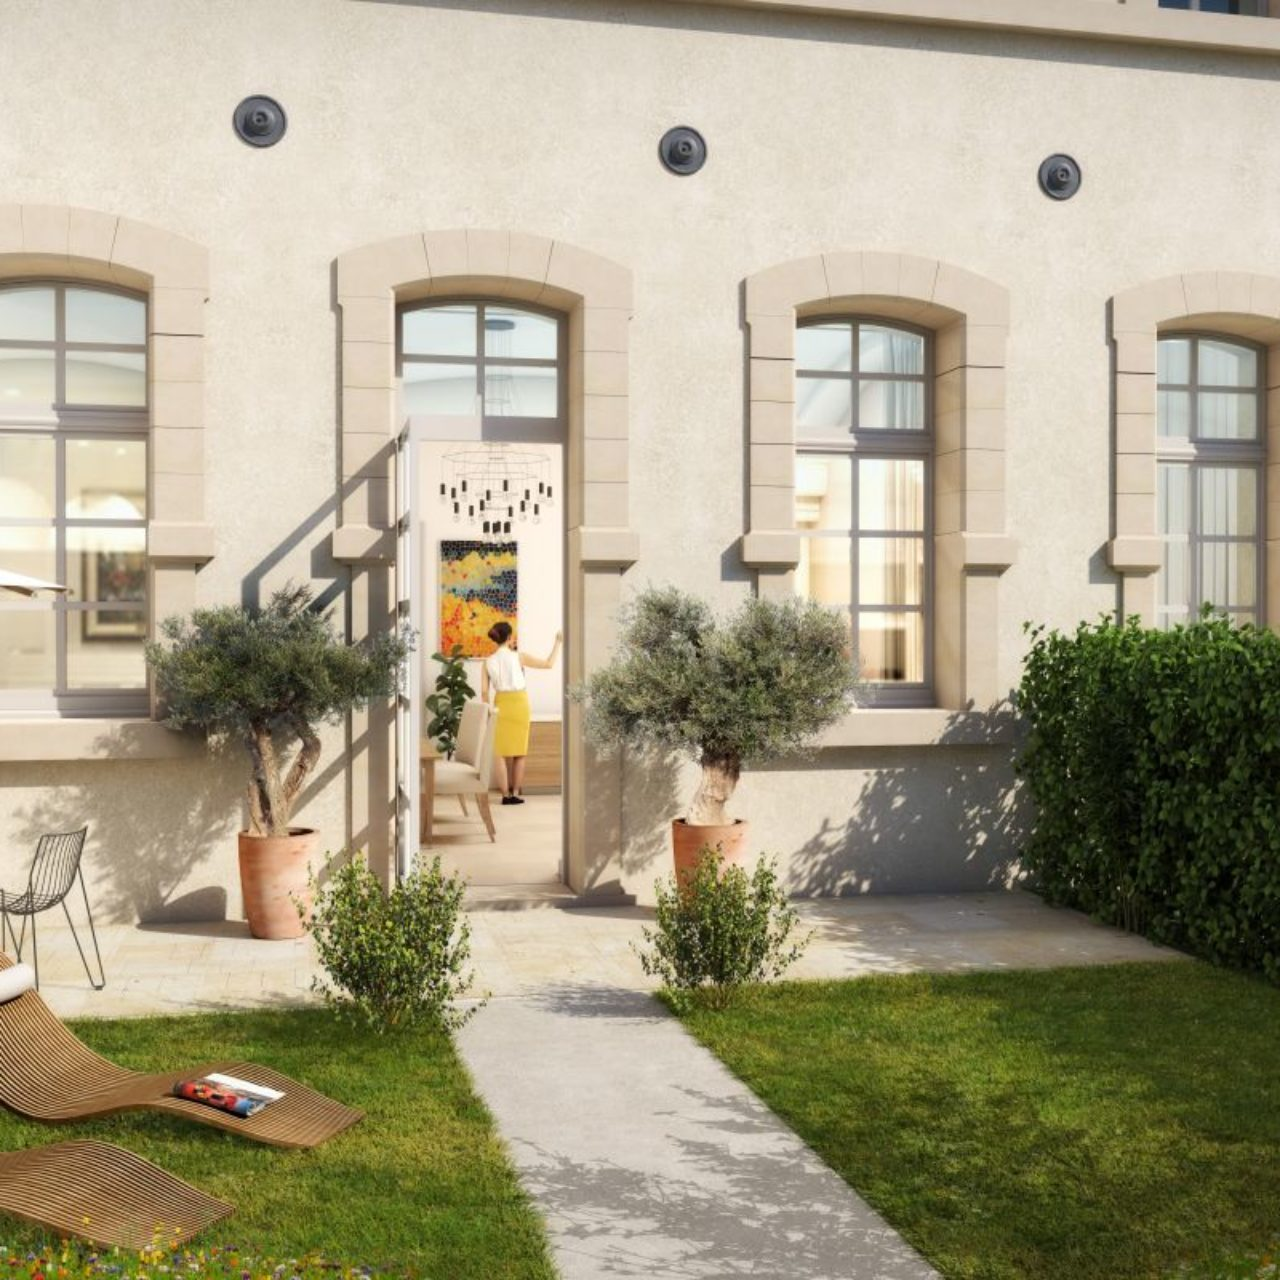 http://www.espacimmo.fr/wp-content/uploads/2021/05/Malraux-La-cour-des-Doms-4-1280x1280.jpg